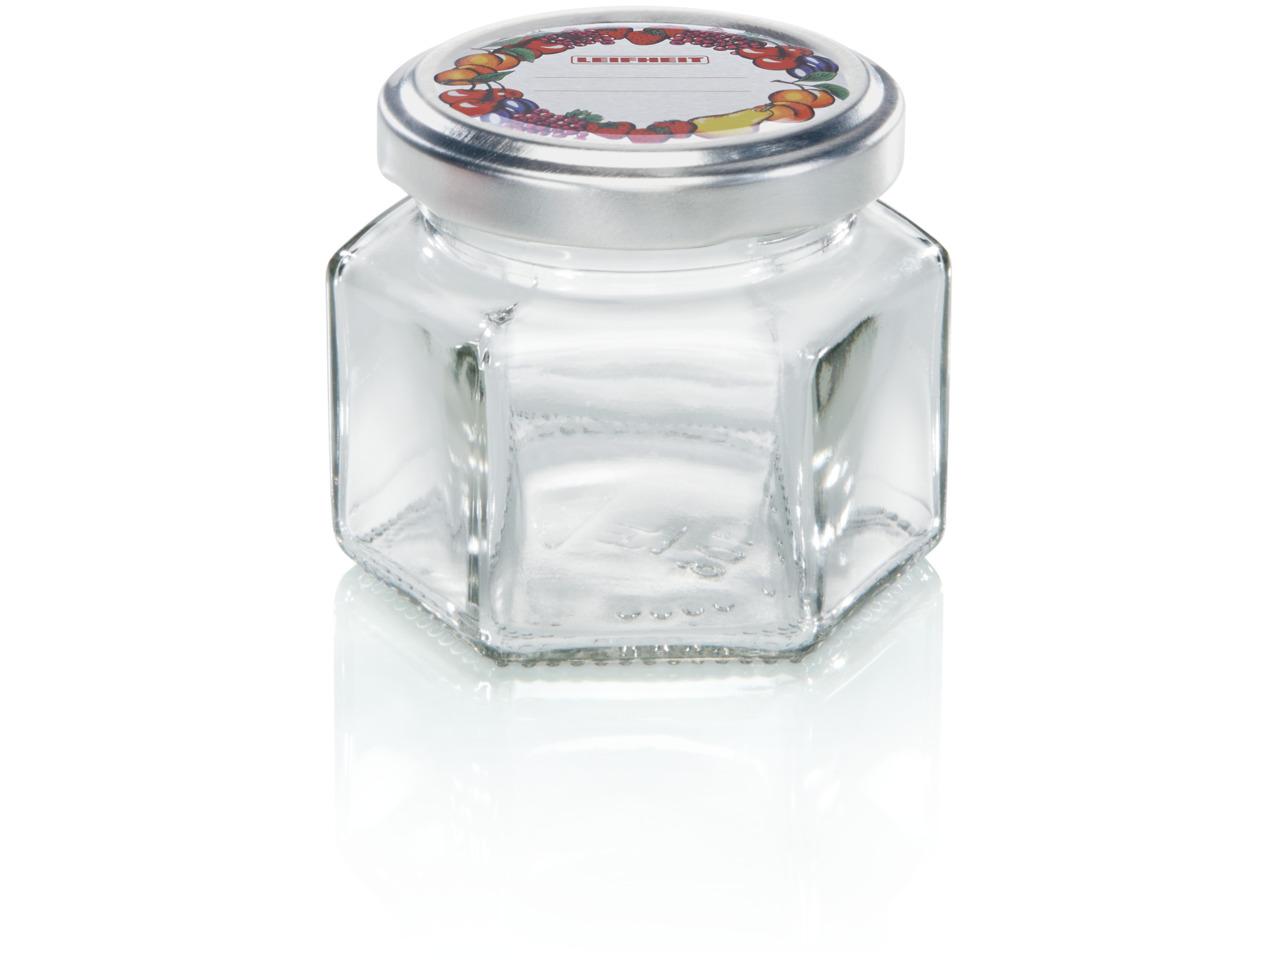 LEIFHEIT 3209 Hexagonal jar 106 ml